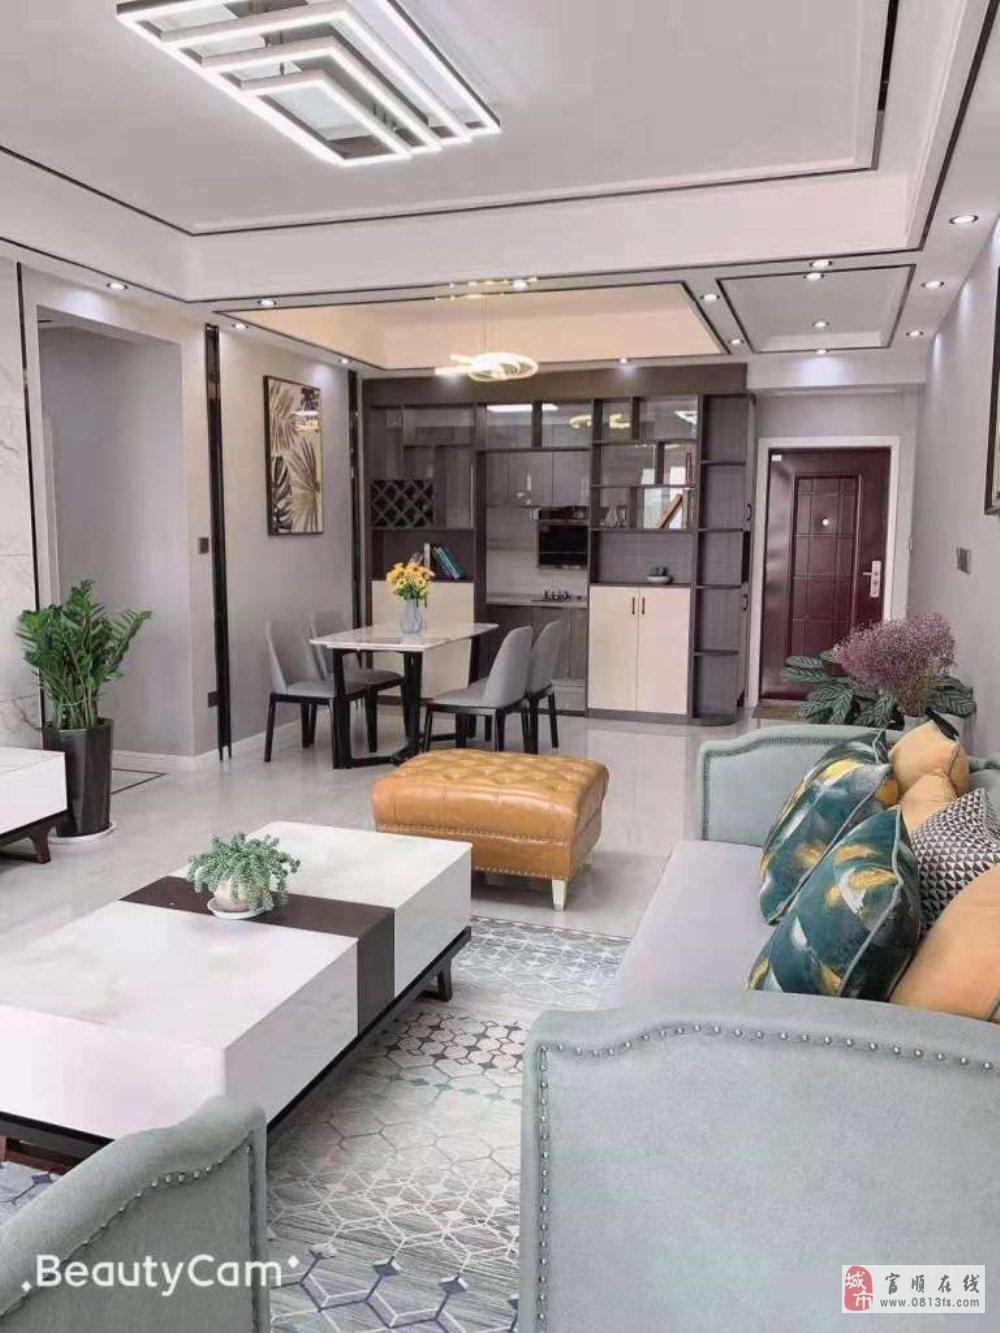 急售滨江壹号全新精装3室2厅2卫79.8万元